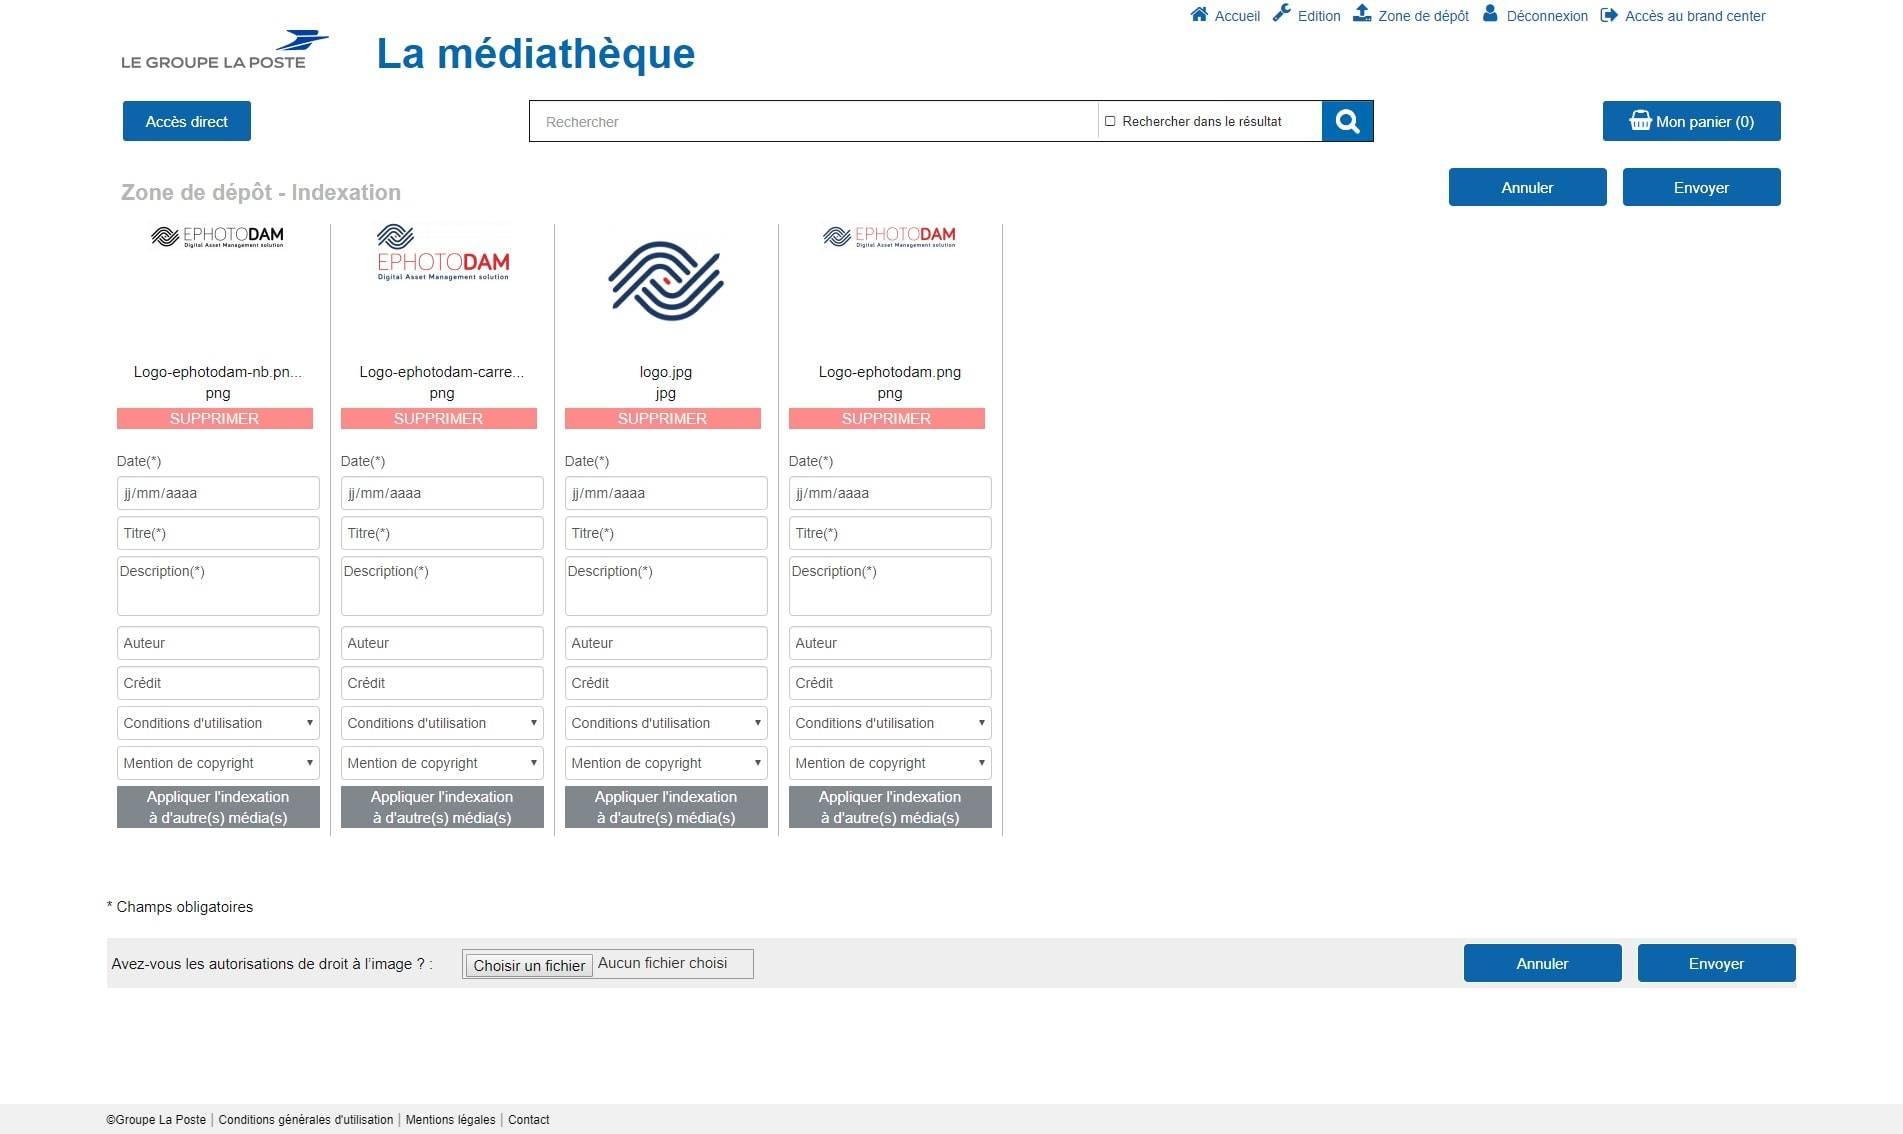 LA_MEDIATHEQUE